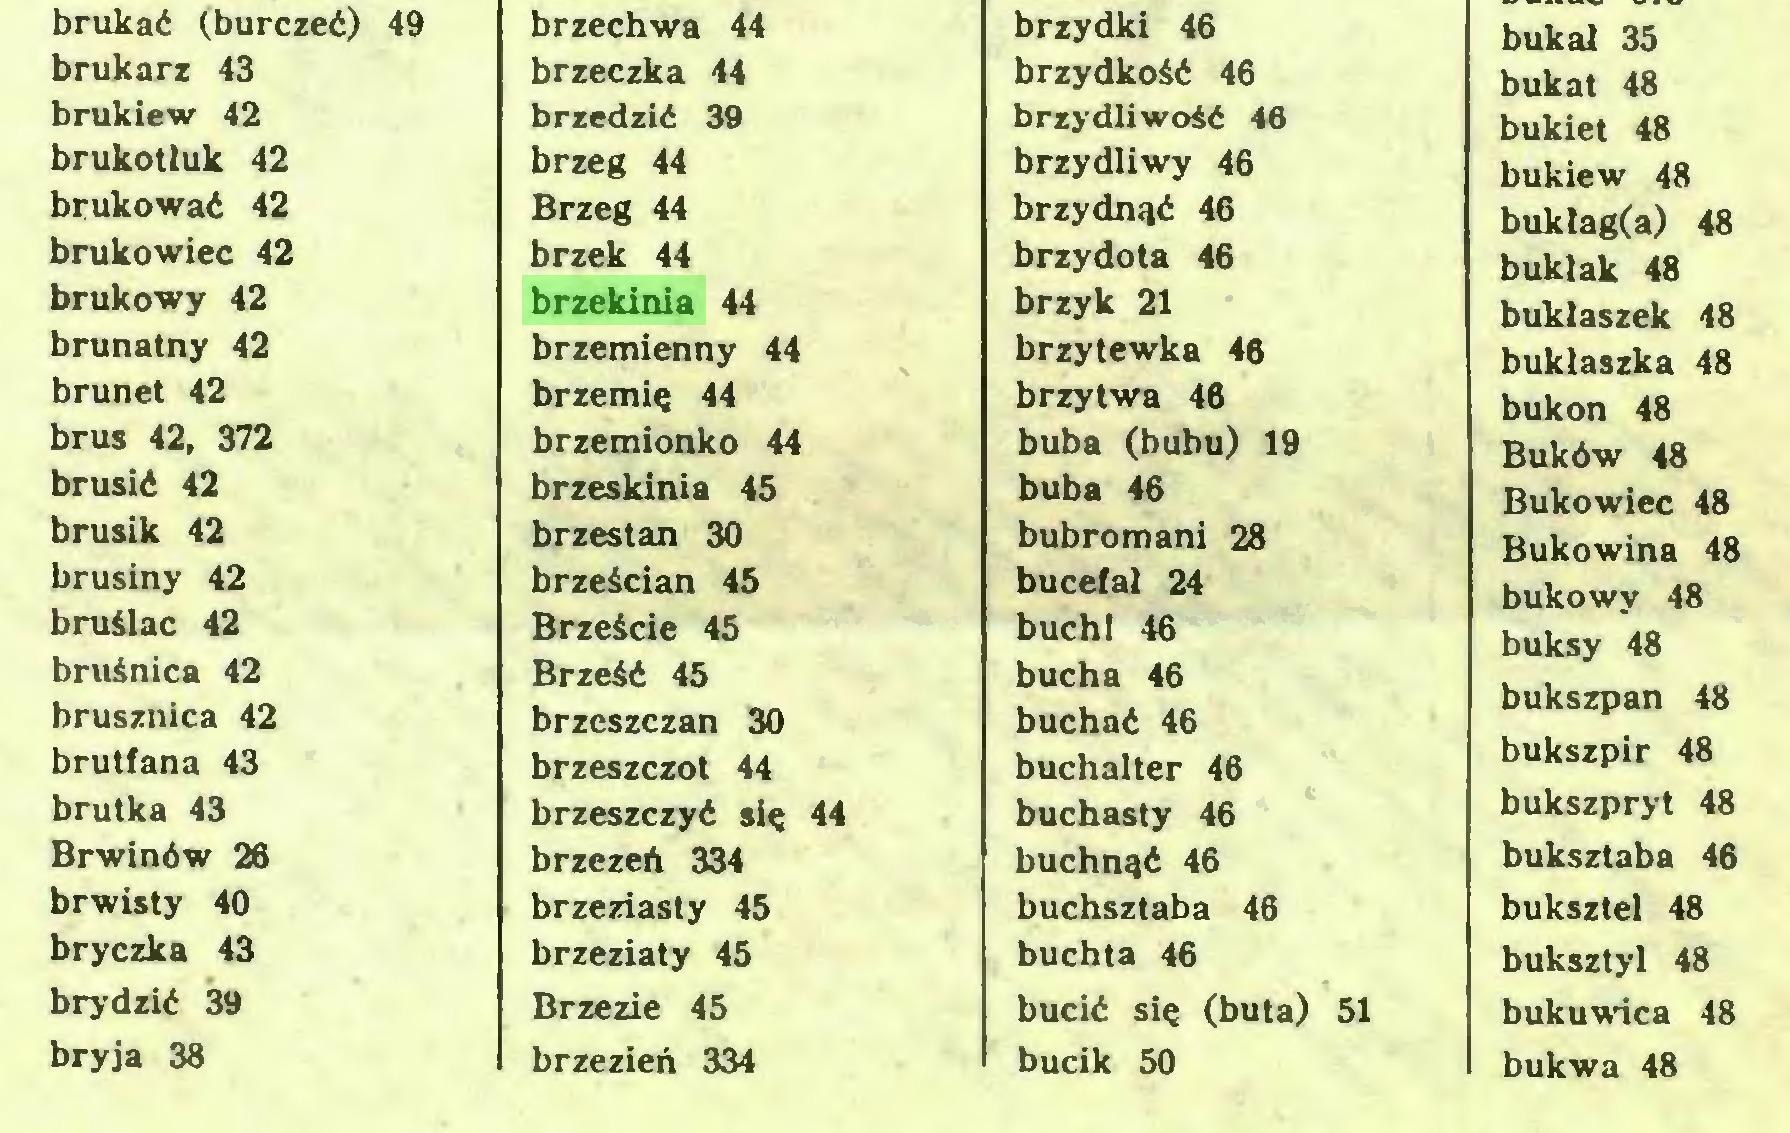 (...) brukać (burczeć) 49 brzechwa 44 brzydki 46 buka! 35 brukarz 43 brzeczka 44 brzydkość 46 bukat 48 brukiew 42 brzedzić 39 brzydliwość 46 bukiet 48 brukotluk 42 brzeg 44 brzydliwy 46 bukiew 48 brukować 42 Brzeg 44 brzydnąć 46 bukłag(a) 48 brukowiec 42 brzęk 44 brzydota 46 bukłak 48 brukowy 42 brzekinia 44 brzyk 21 bukłaszek 48 brunatny 42 brzemienny 44 brzytewka 46 bukłaszka 48 brunet 42 brzemię 44 brzytwa 46 bukon 48 brus 42, 372 brzemionko 44 buba (bubu) 19 Buków 48 brusić 42 brzeskinia 45 buba 46 Bukowiec 48 brusik 42 brzestan 30 bubromani 28 Bukowina 48 brusiny 42 brześcian 45 bucefał 24 bukowy 48 buksy 48 bruślac 42 Brzeście 45 bucht 46 bruśnica 42 brusznica 42 Brześć 45 brzcszczan 30 bucha 46 buchać 46 bukszpan 48 brutfana 43 brzeszczot 44 buchalter 46 bukszpir 48 brutka 43 brzeszczyć się 44 buchasty 46 bukszpryt 48 Brwinów 26 brzezeń 334 buchnąć 46 buksztaba 46 brwisty 40 brzeziasty 45 buchsztaba 46 buksztel 48 bryczka 43 brzeziaty 45 buchta 46 buksztyl 48 brydzić 39 Brzezie 45 bucić się (buta) 51 bukuwica 48 bryja 38 brzezień 334 bucik 50 bukwa 48...